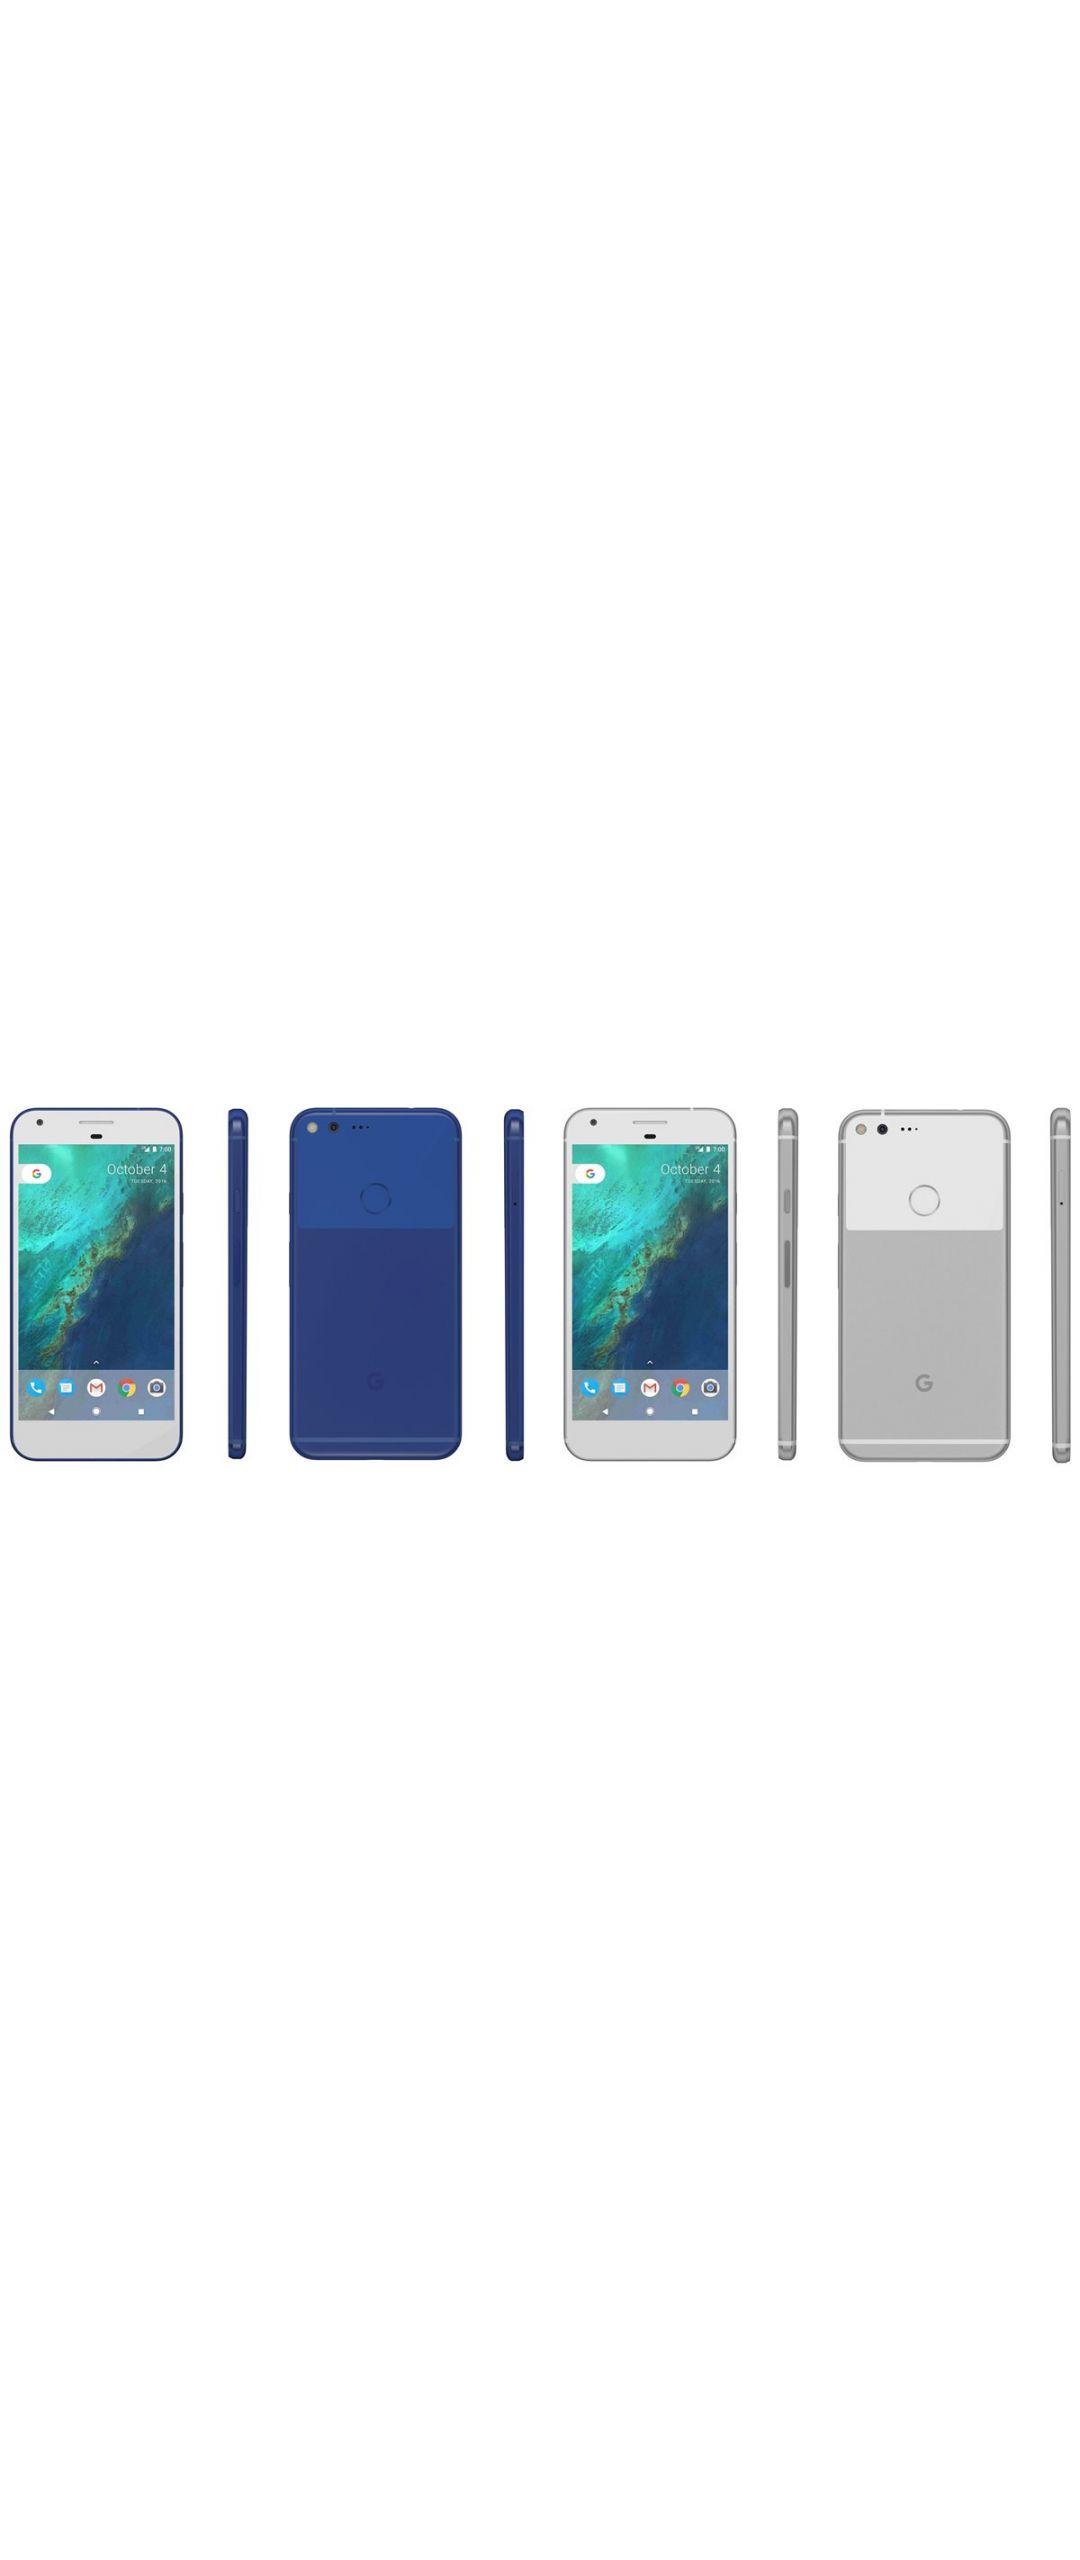 Estos serían los colores oficiales del Google Pixel